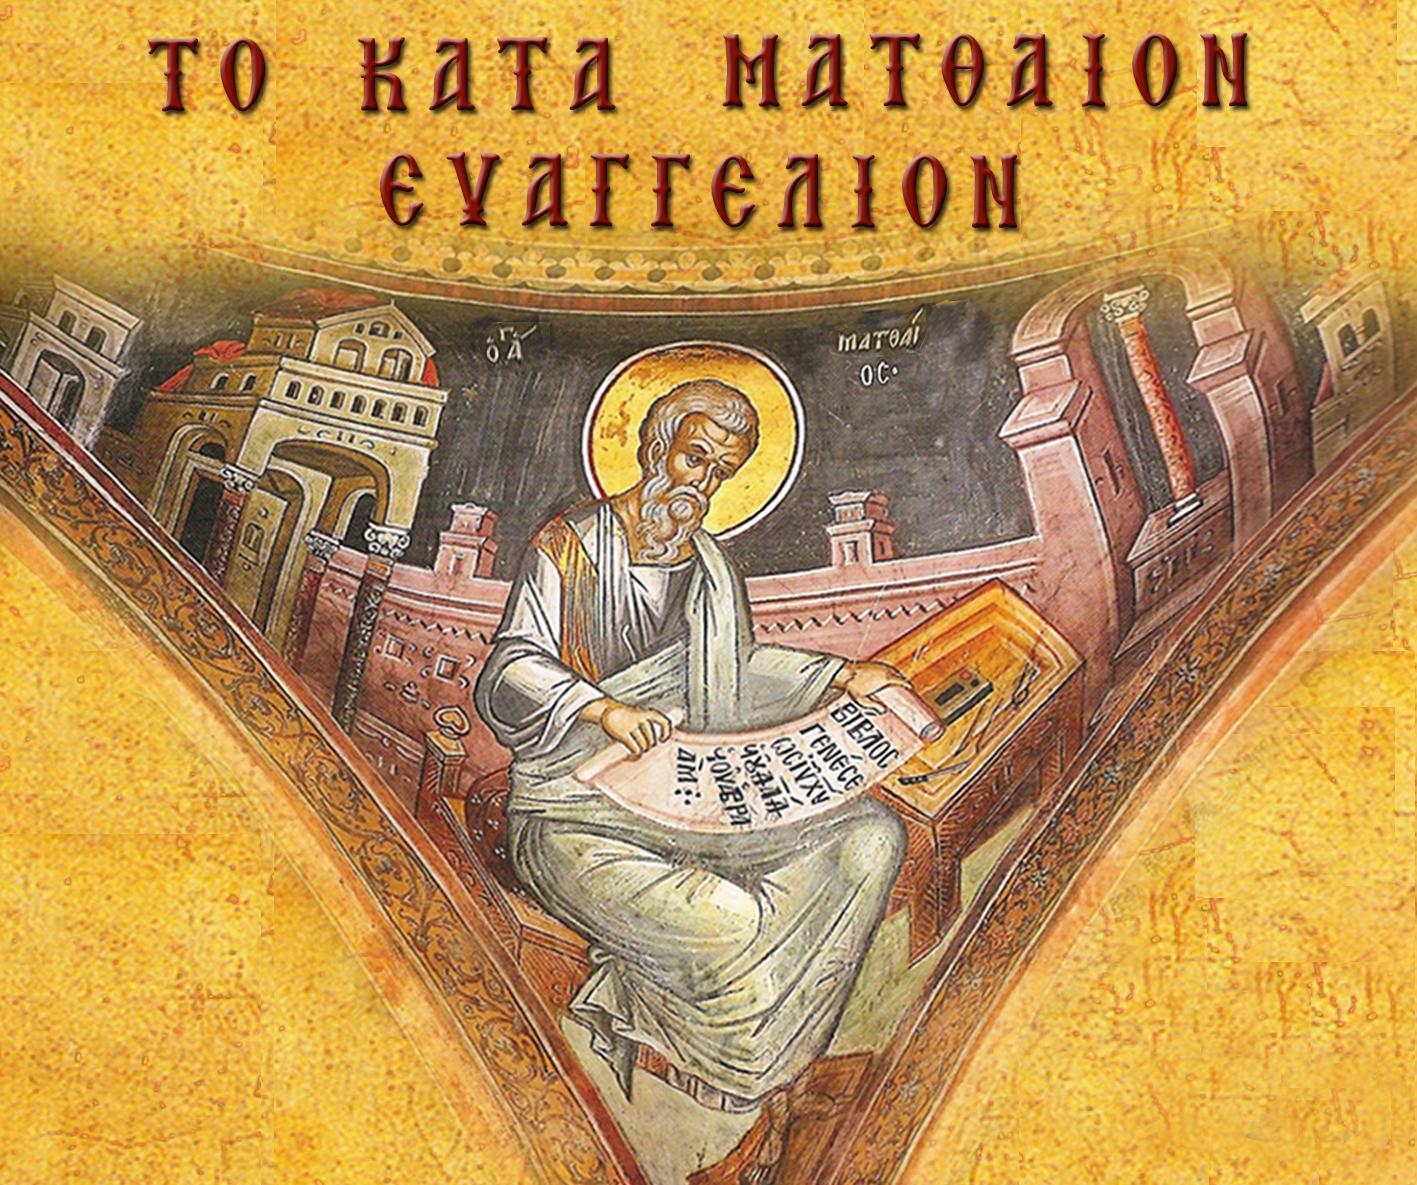 Evanghelia după Matei, cap. 1, vers. 1-3. Genealogia lui Iisus (marți, 23 ian. 2018)